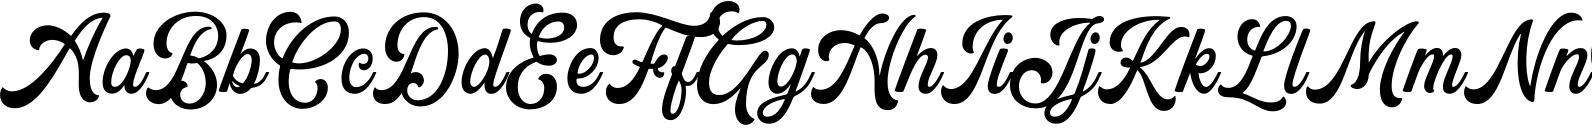 The Kogles Script